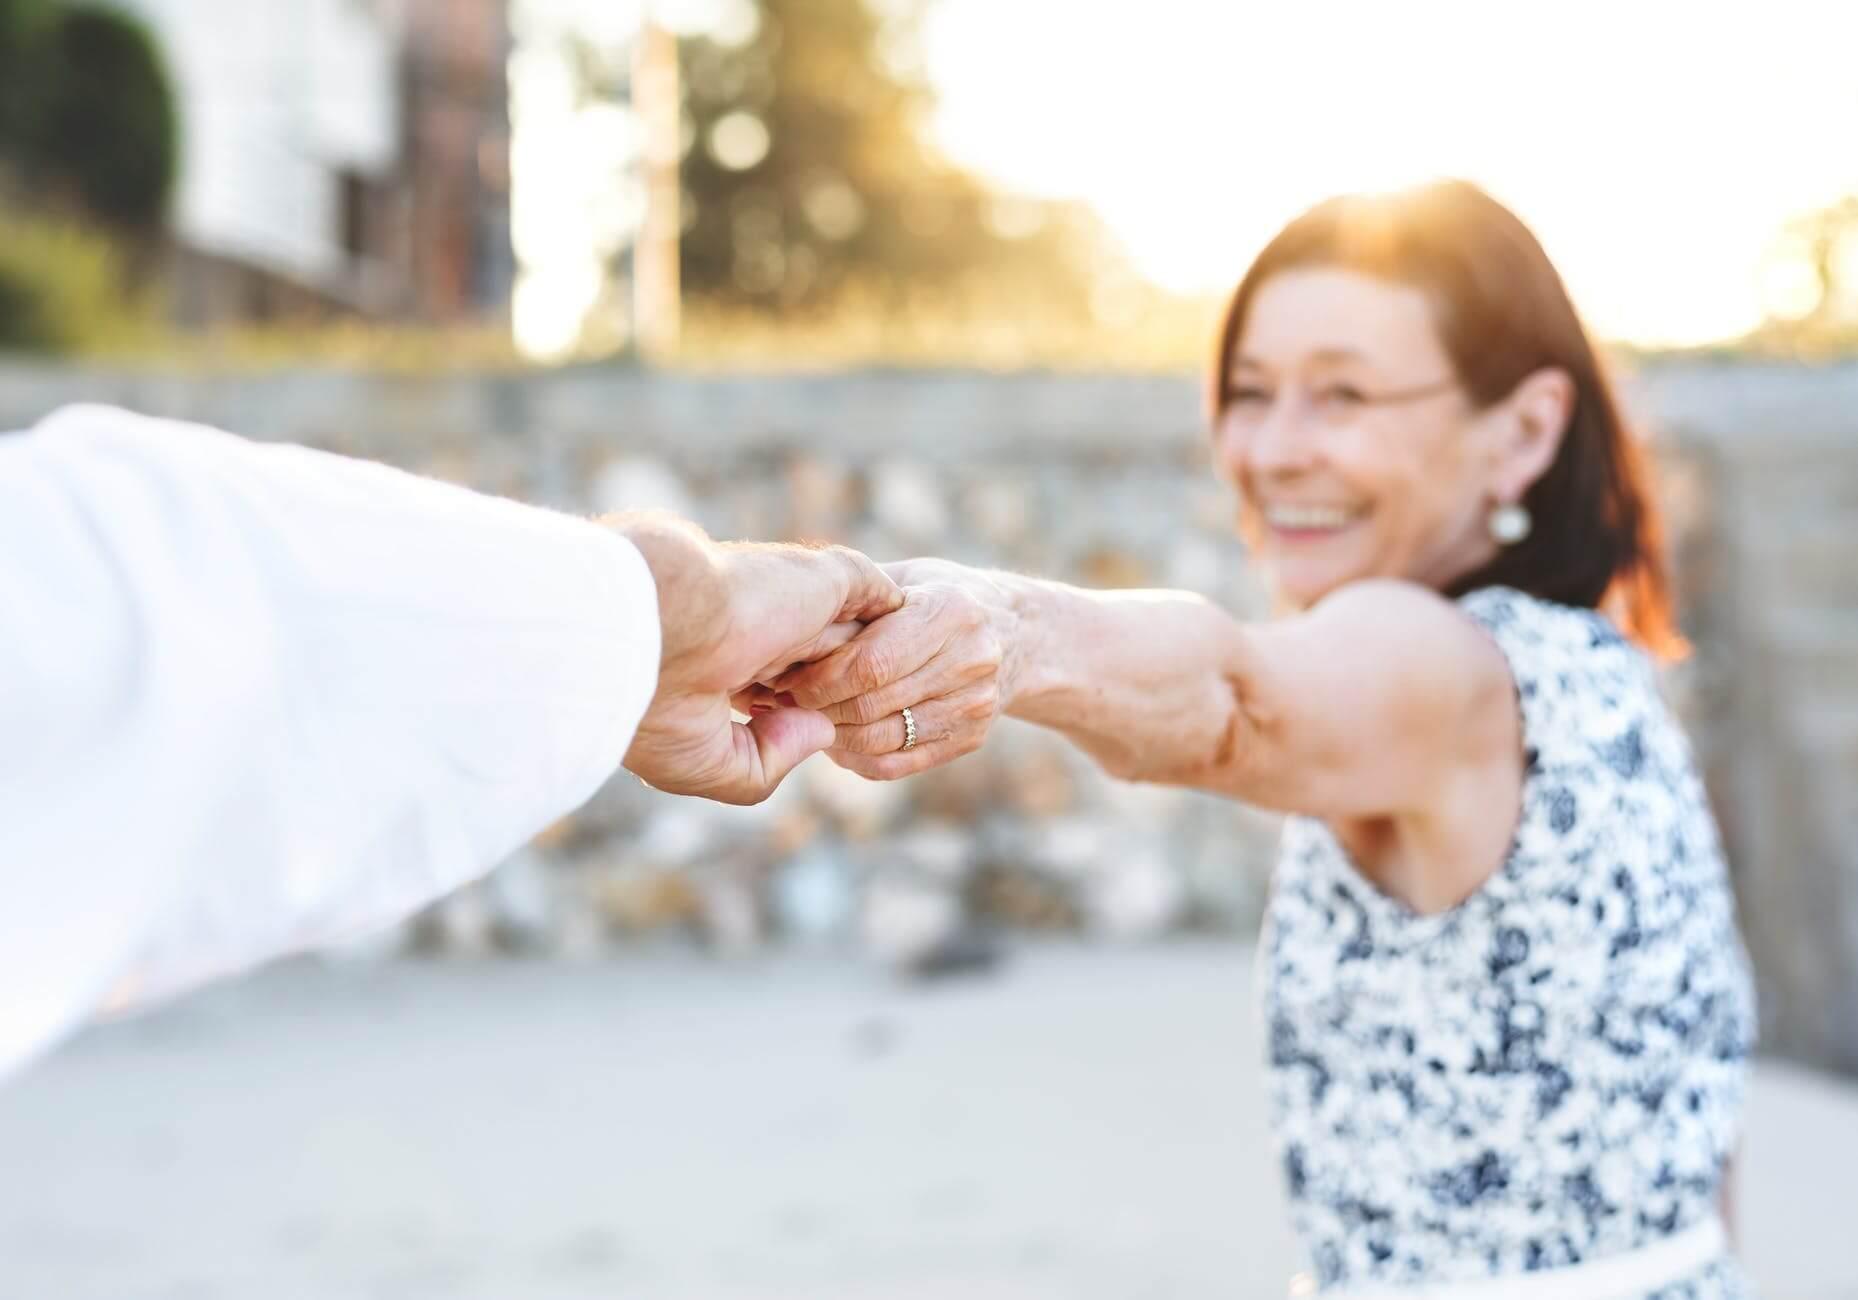 Obiteljska mirovina samo 2.095 kuna, povlaštenim umirovljenicima i do četiri puta veća!